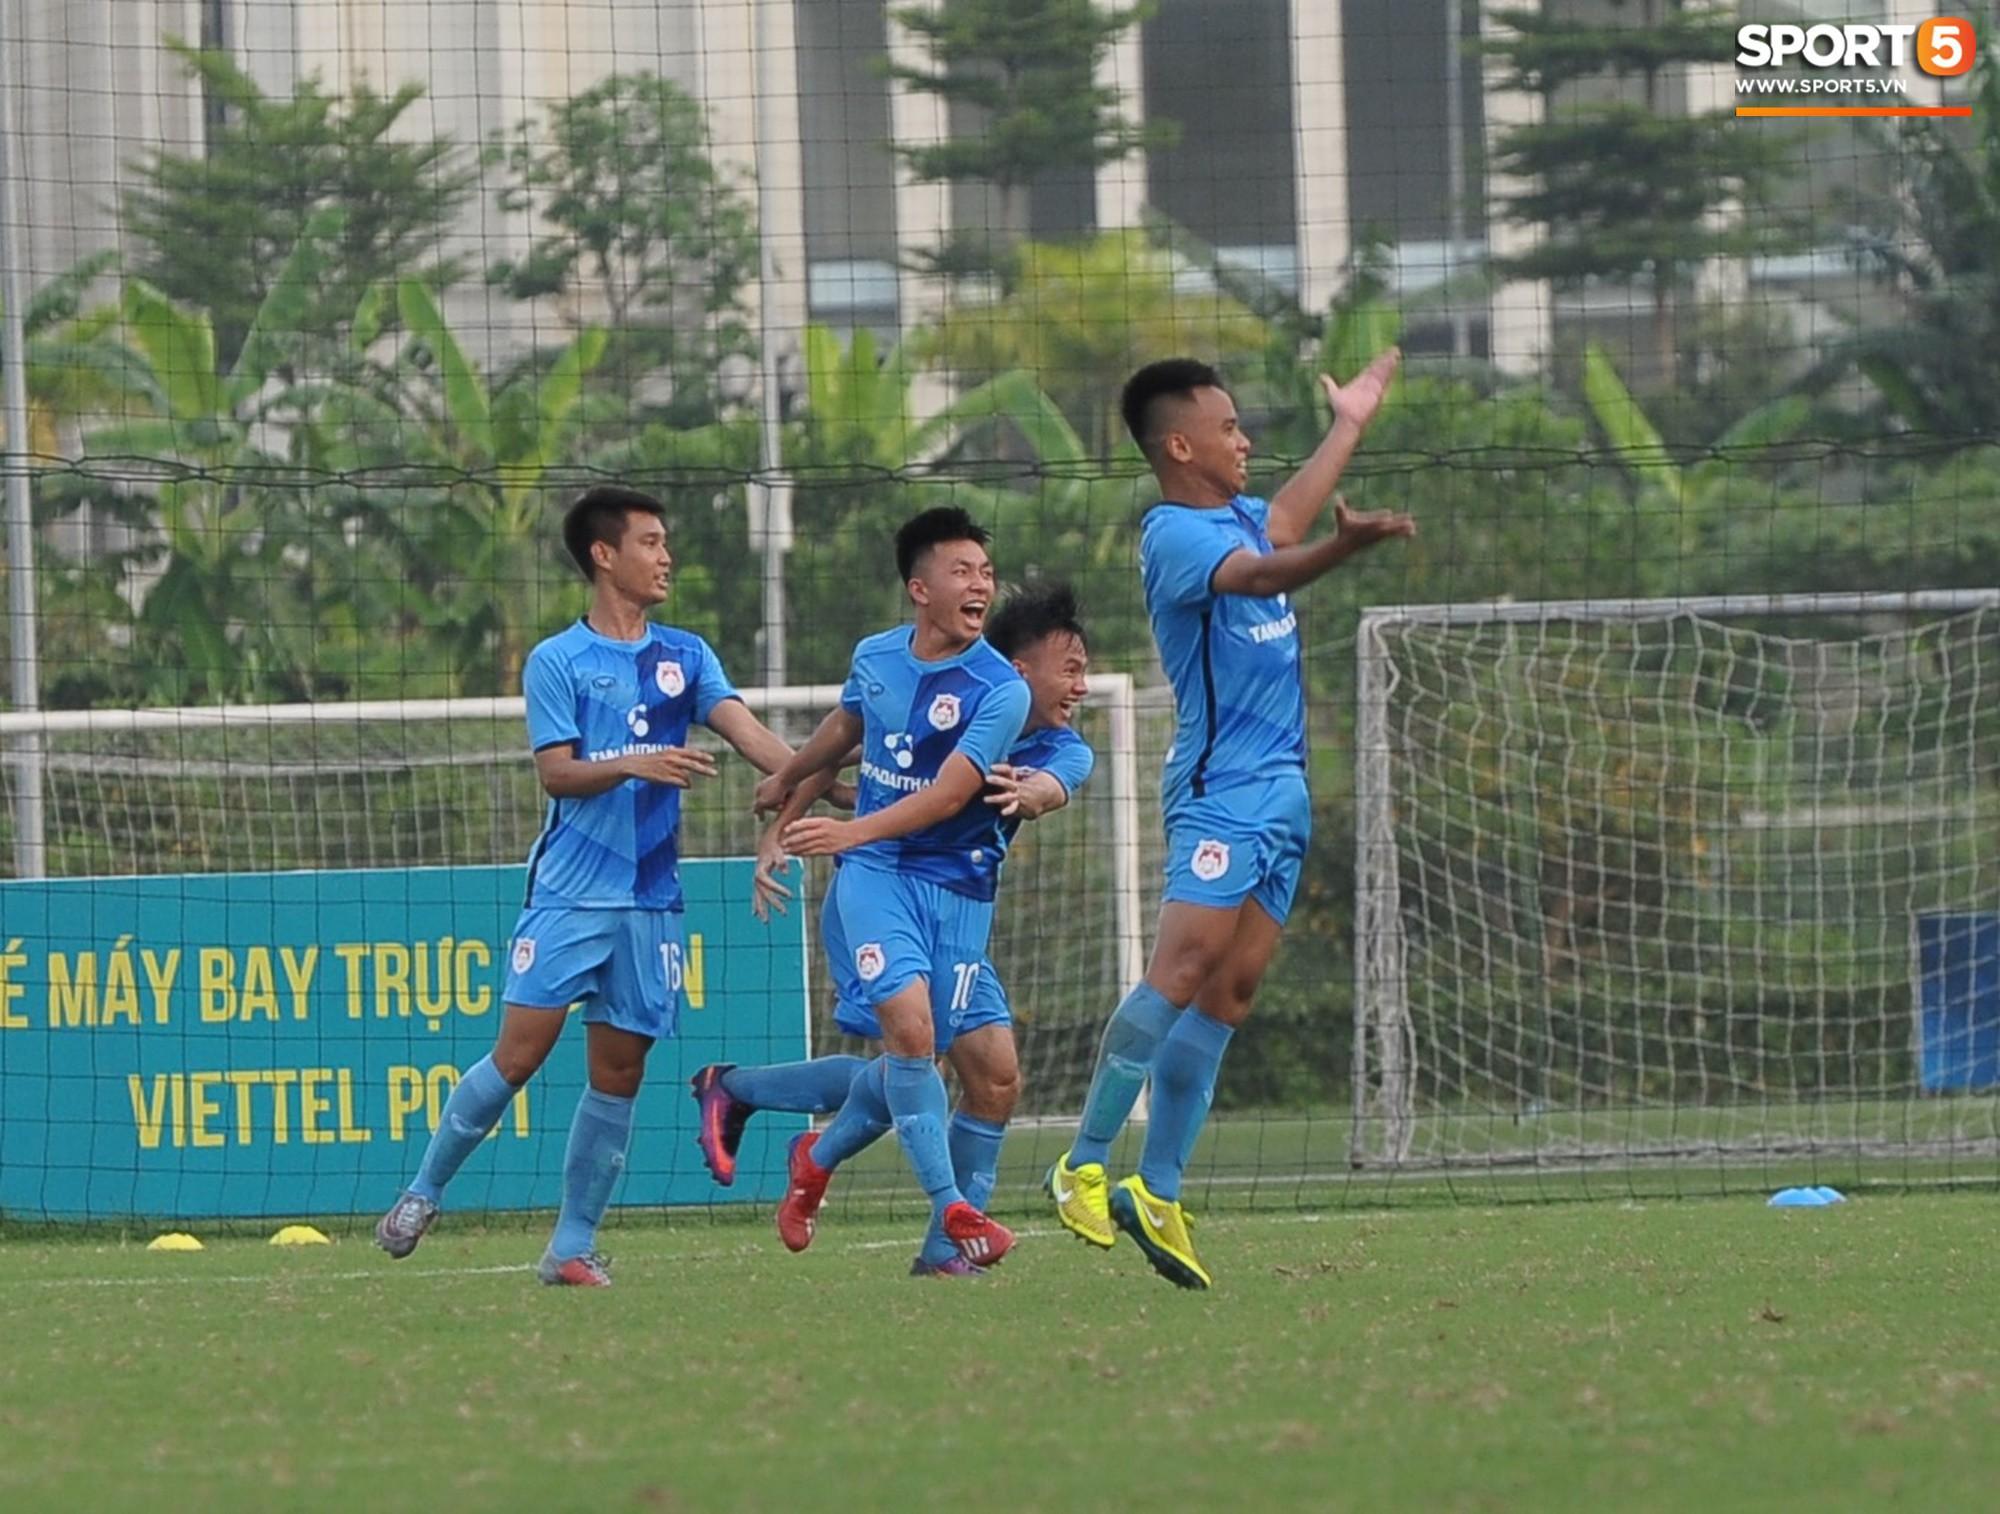 Sao trẻ U23 lập công, Viettel để Phố Hiến cầm hòa 1-1 trong ngày khai mạc giải U21 Quốc gia - Ảnh 12.